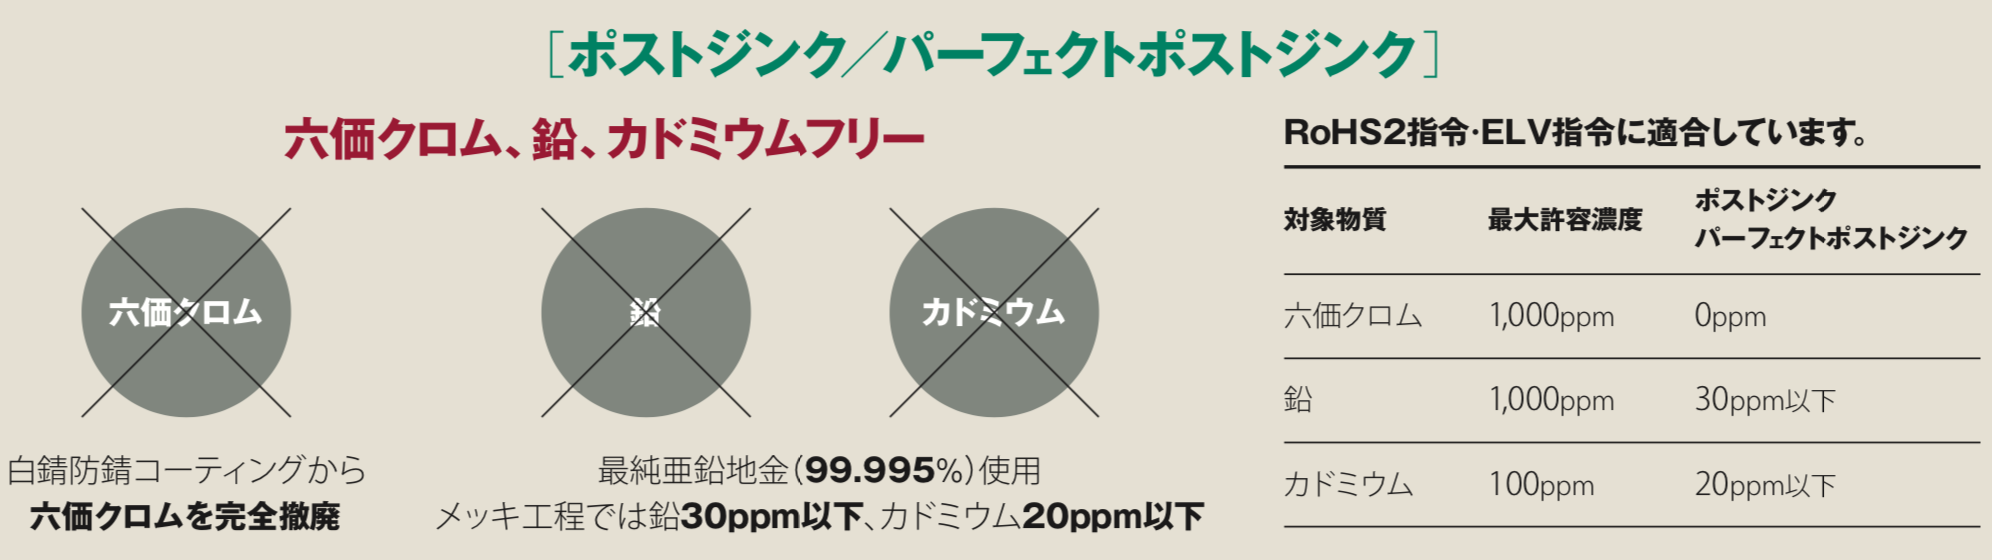 スクリーンショット 2021-03-29 14.51.30